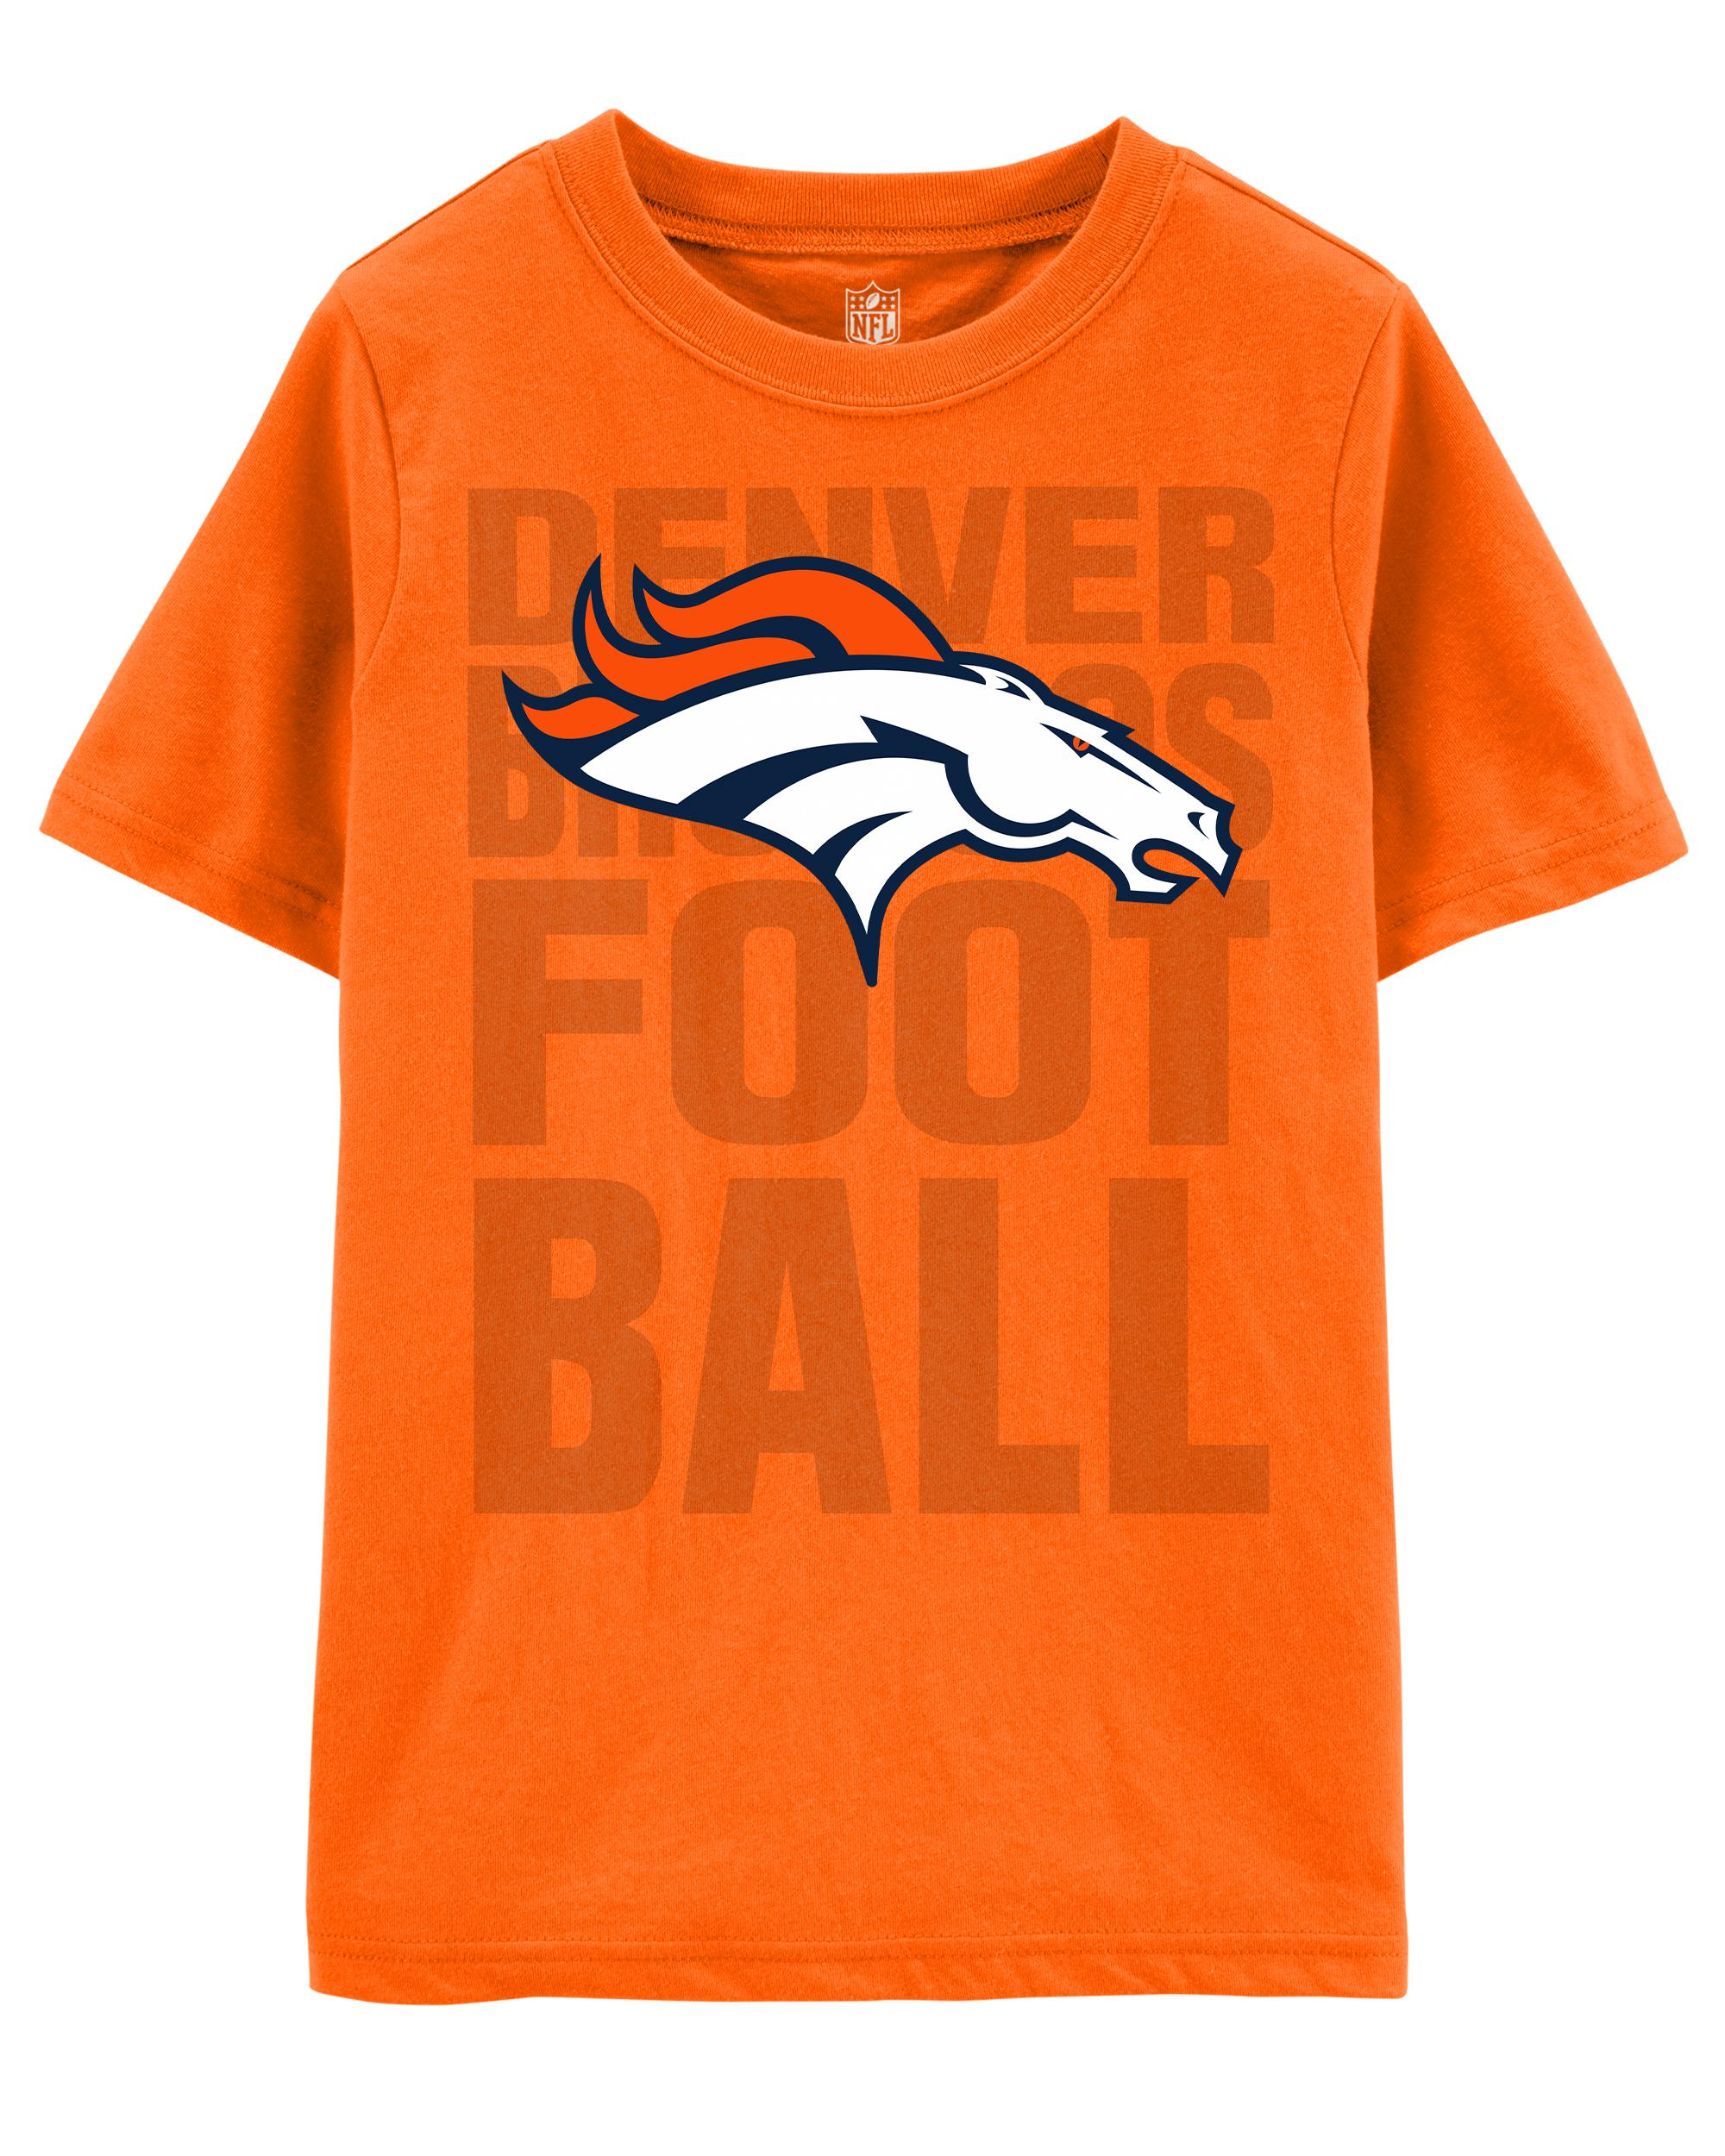 f445566a NFL Denver Broncos Tee | oshkosh.com